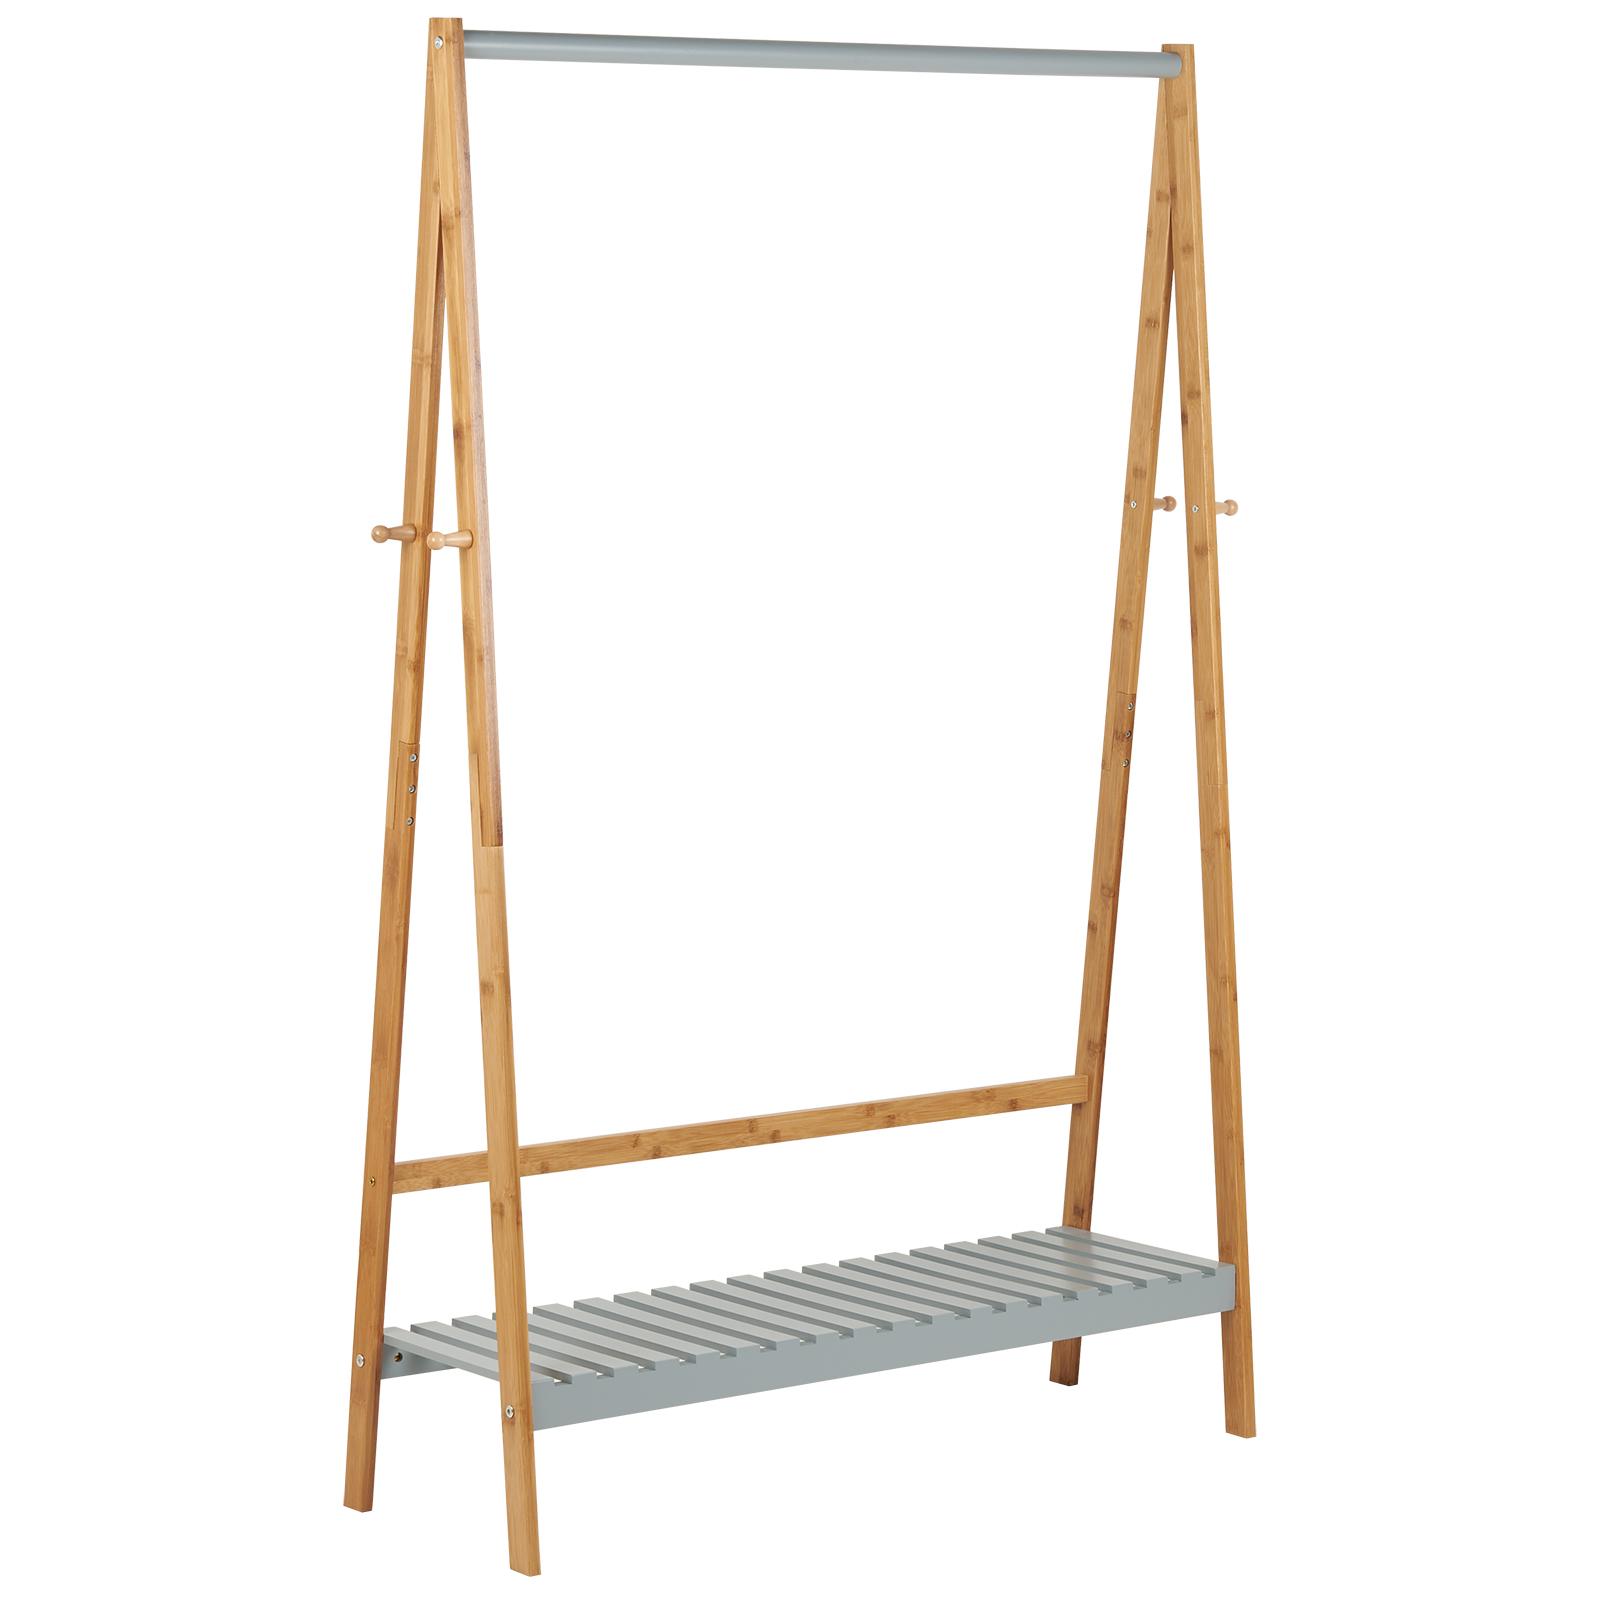 Mobili In Bambu.Dettagli Su Hartleys Stand Appendiabiti Grigio Bambu Scaffale Mobili Da Camera Da Letto